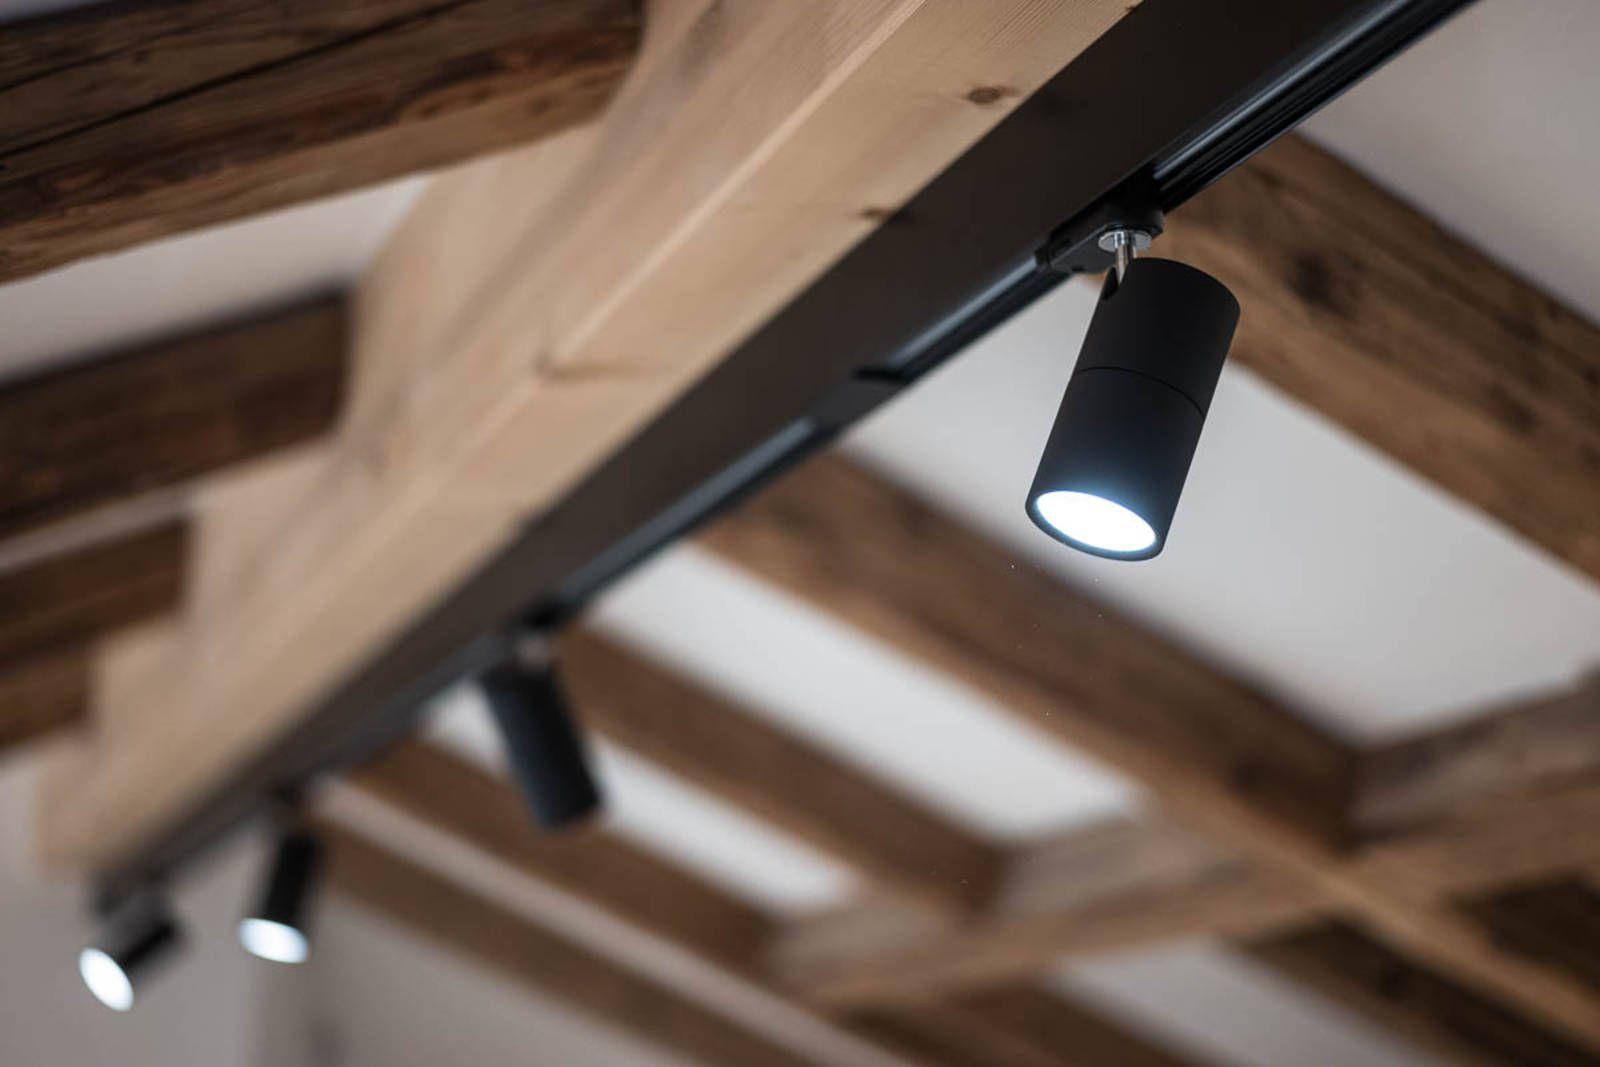 Lewo Spot Led Led Profil Lampen Schienensystem